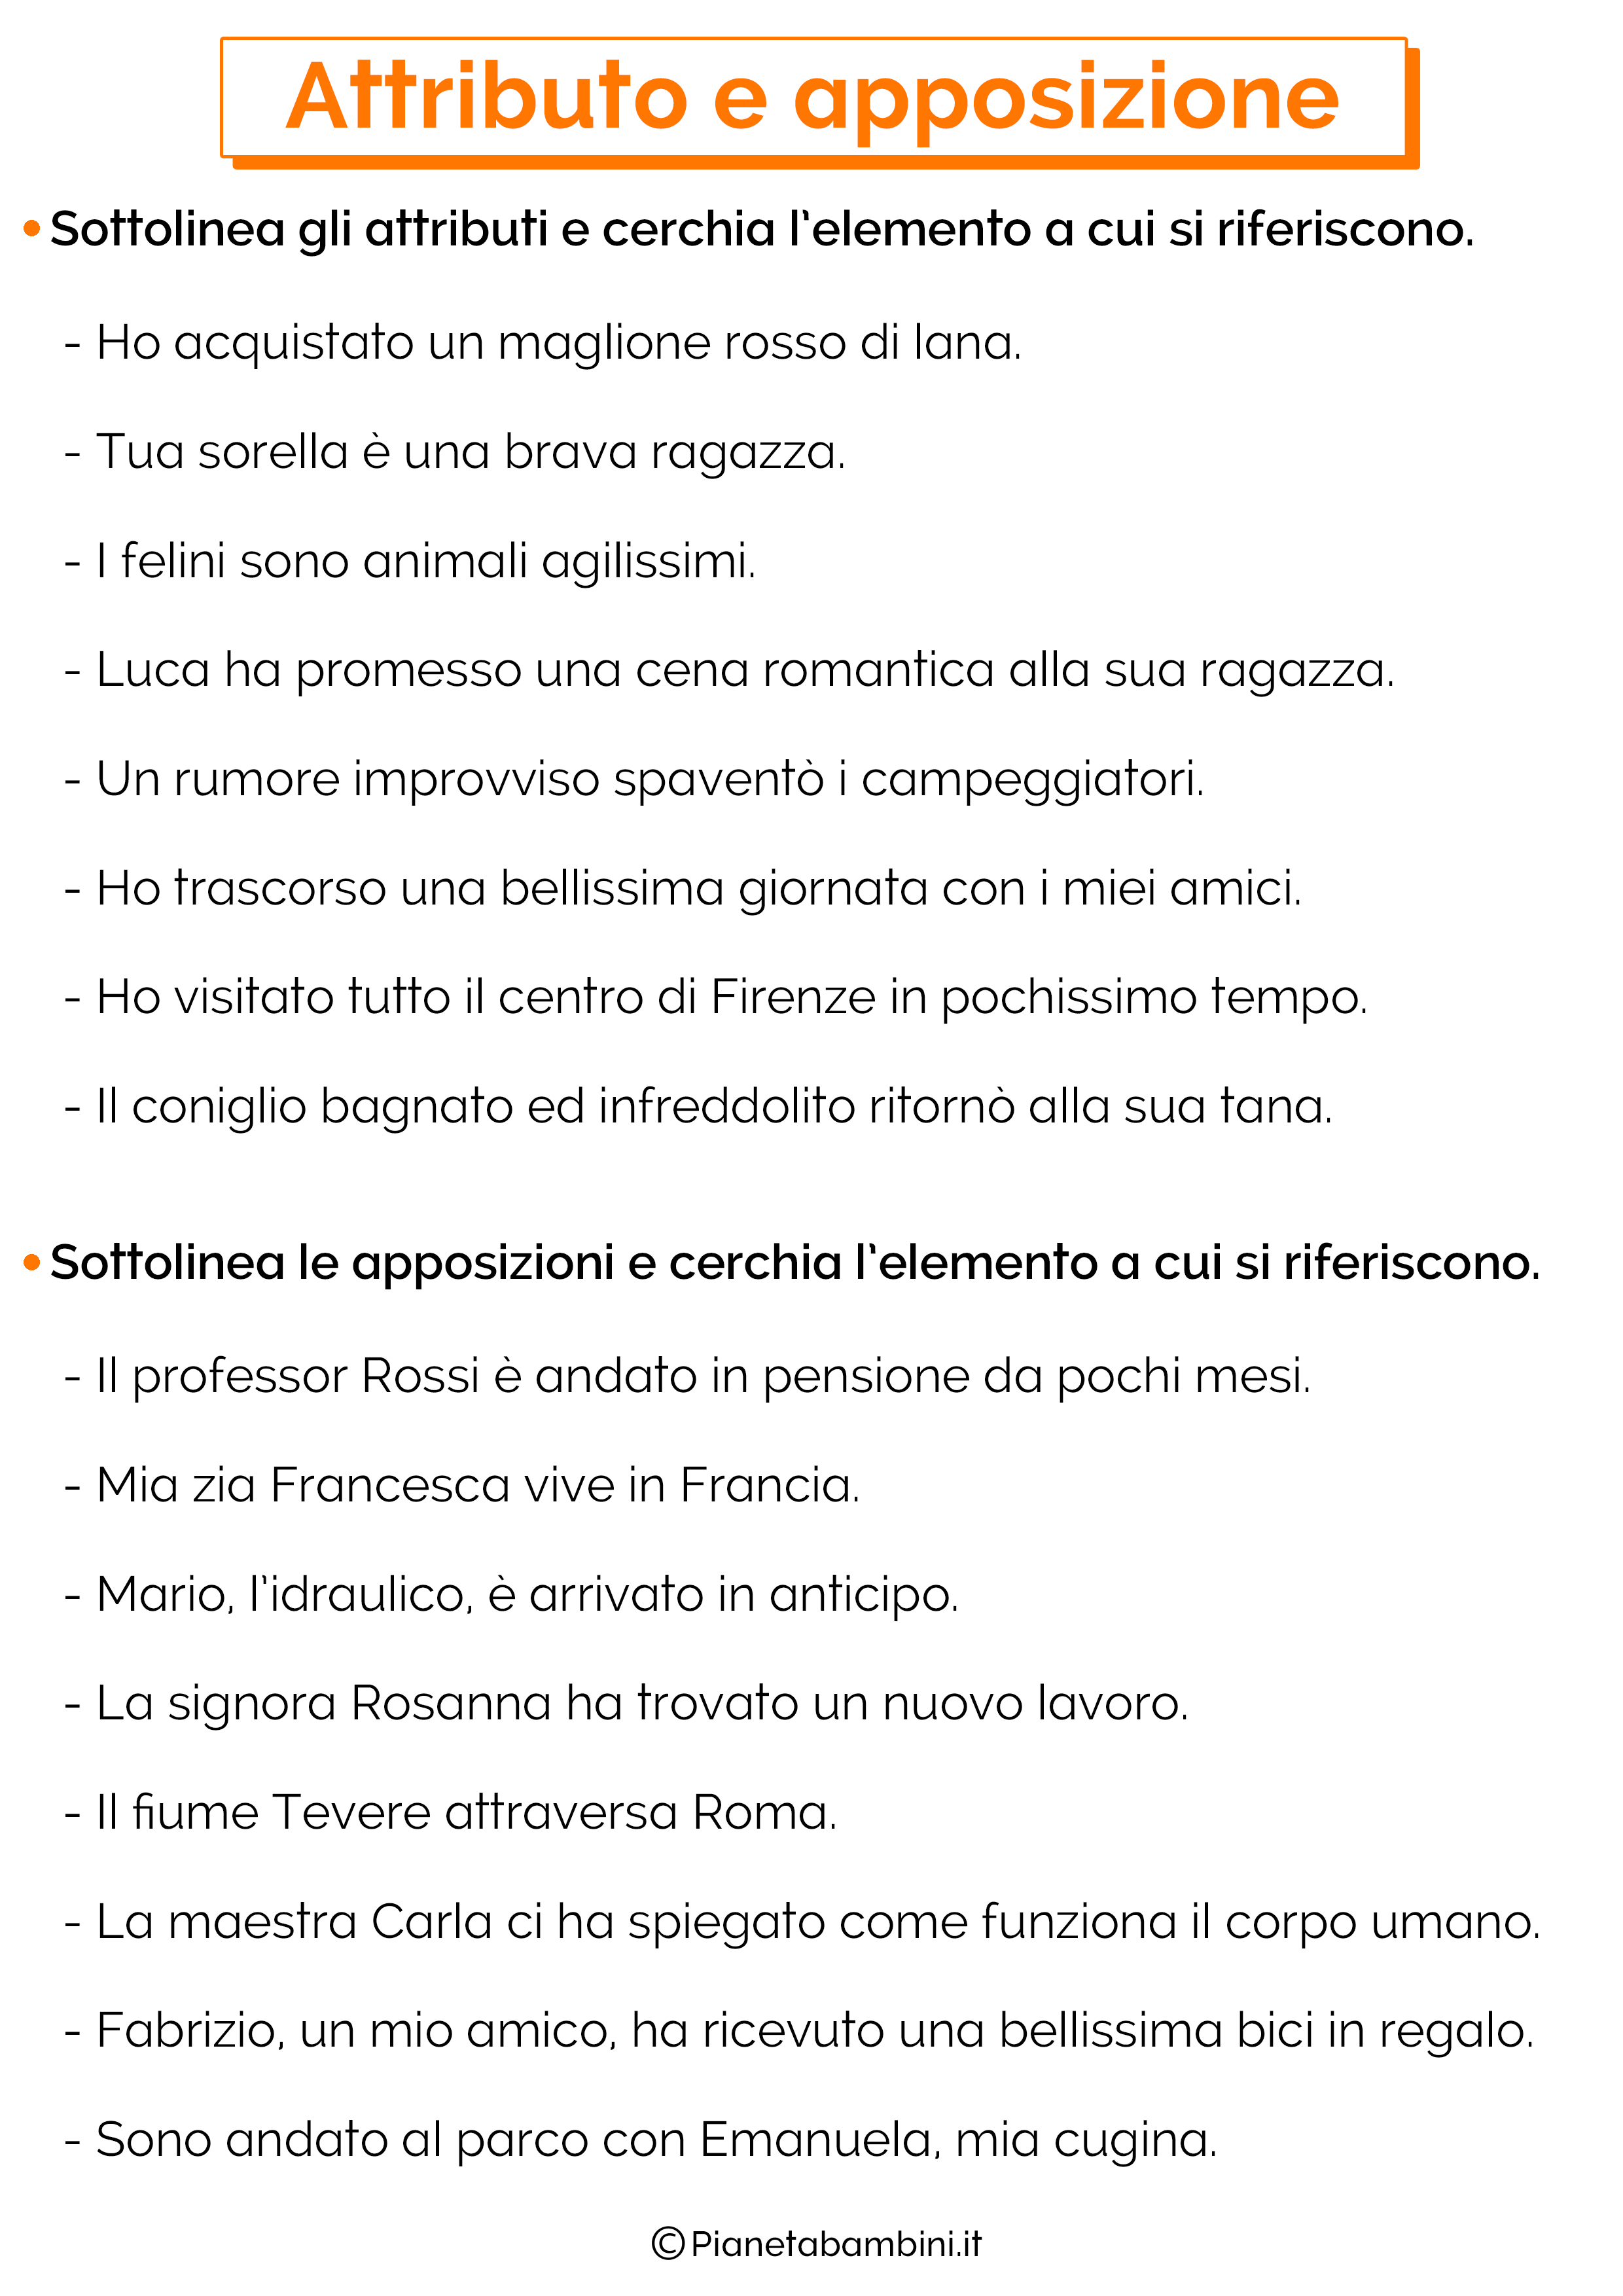 Esercizi su attributo e apposizione 1